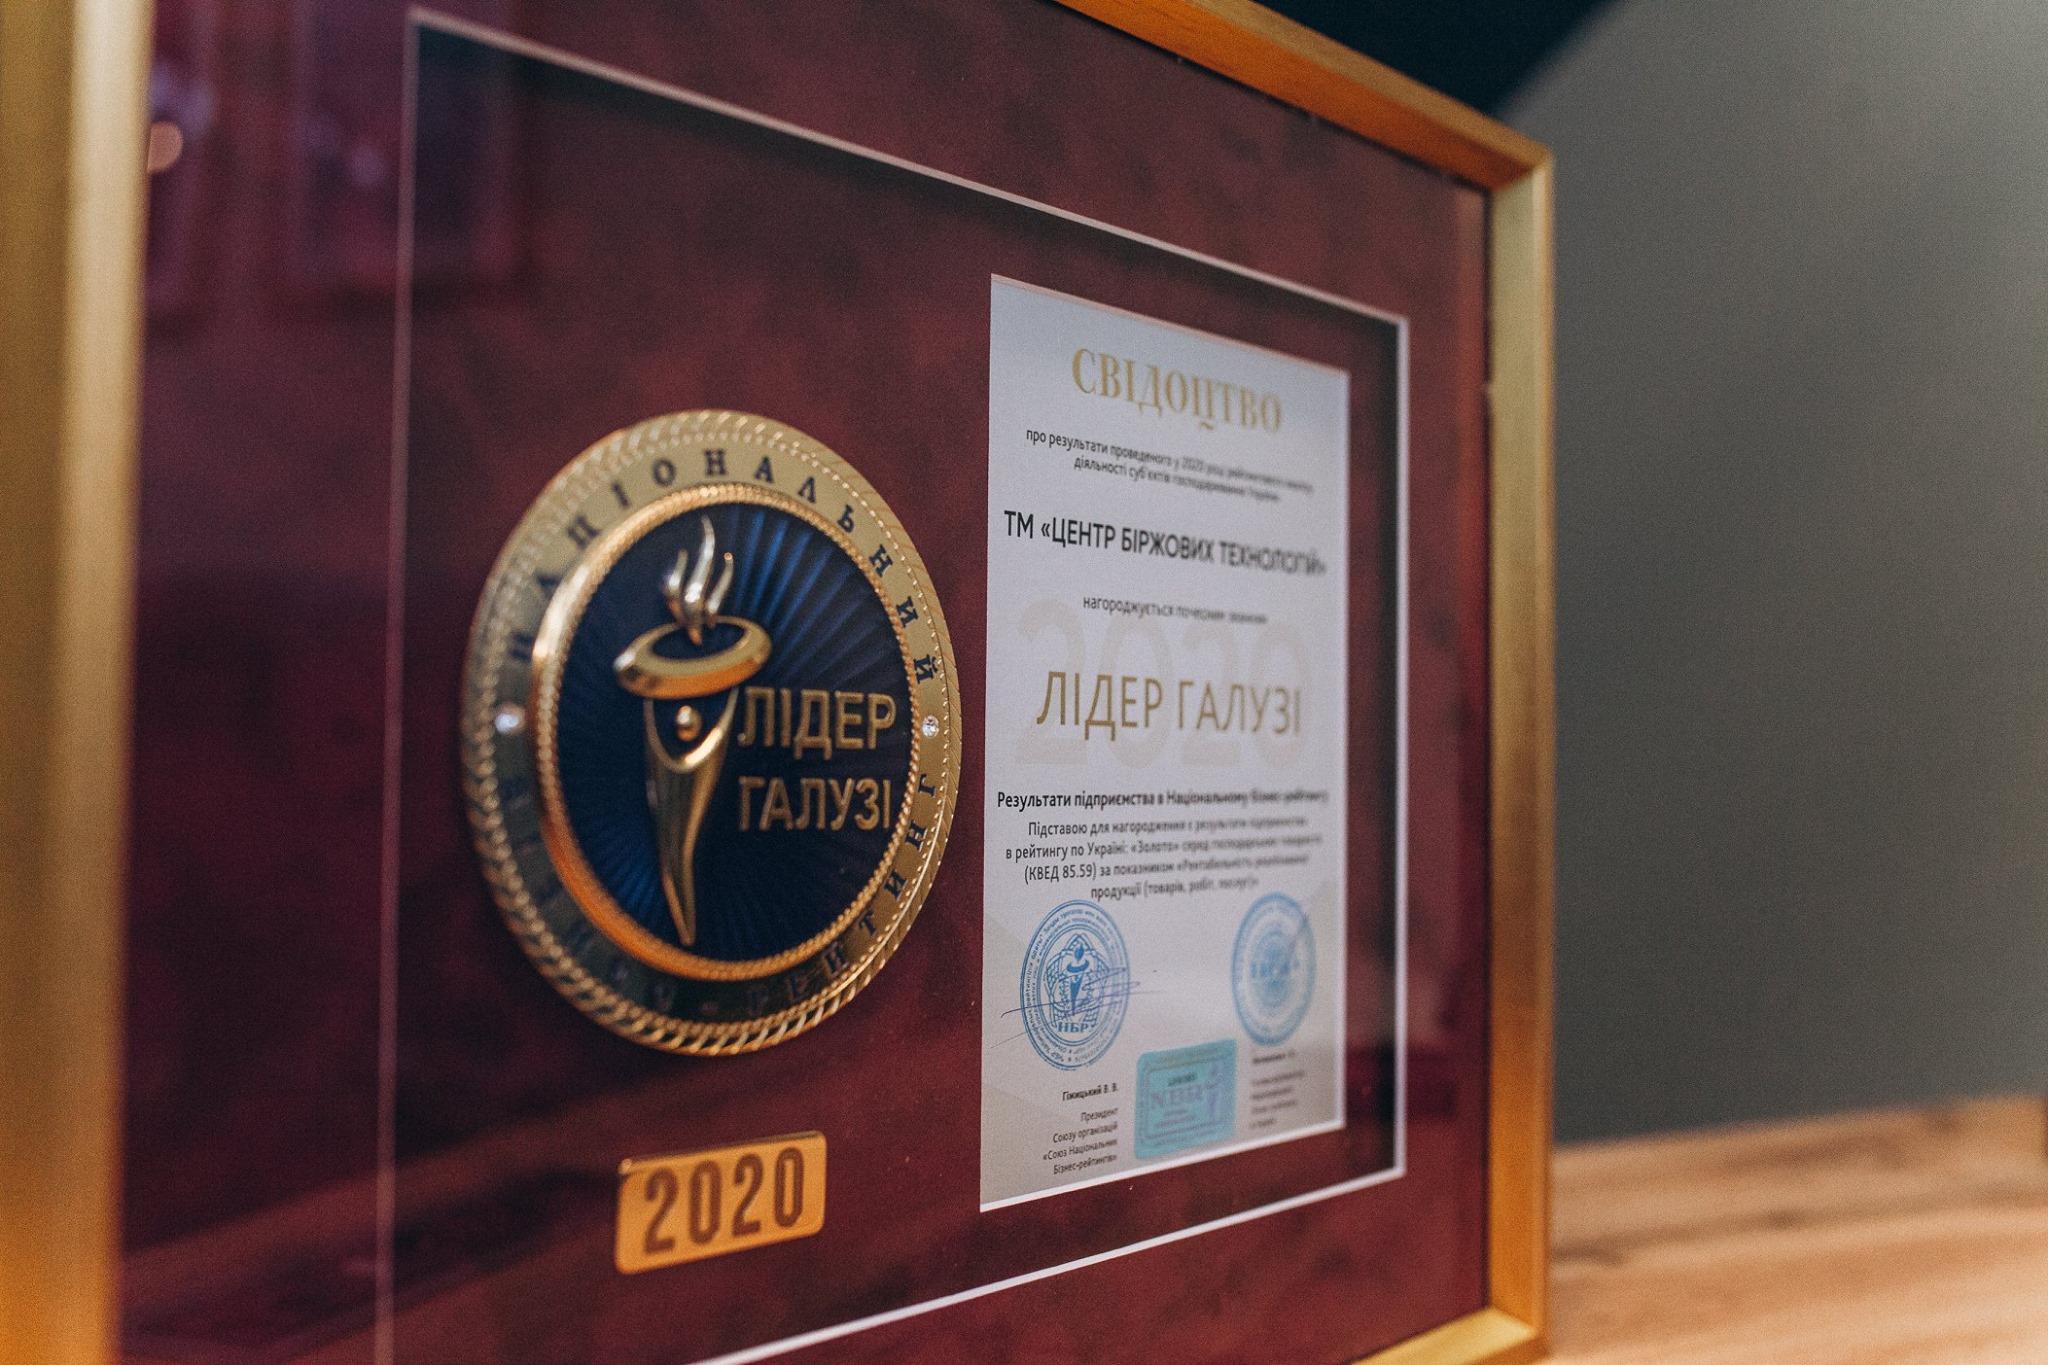 Центр Біржових Технологій – «Лідер галузі 2020» Національного бізнес-рейтингу України - 4 фото